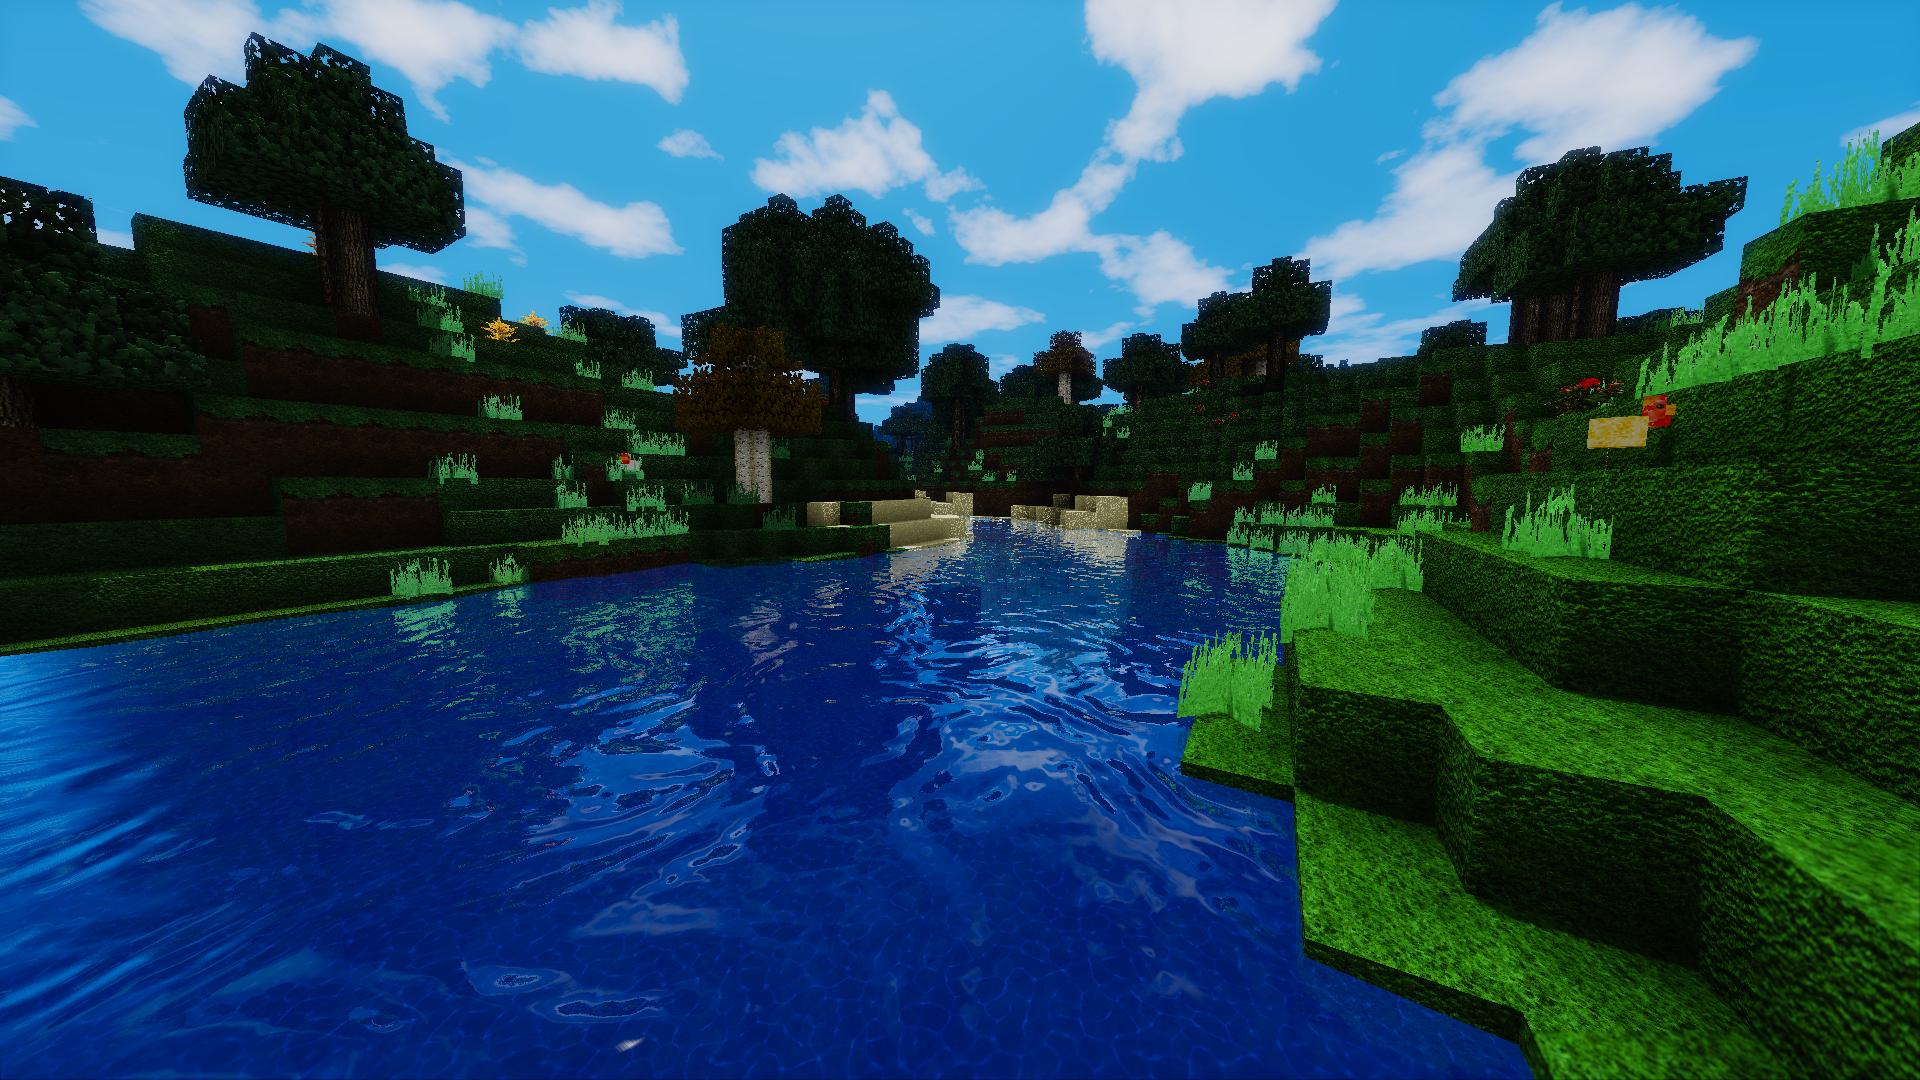 pixelm mod 1.8.9 minecraft